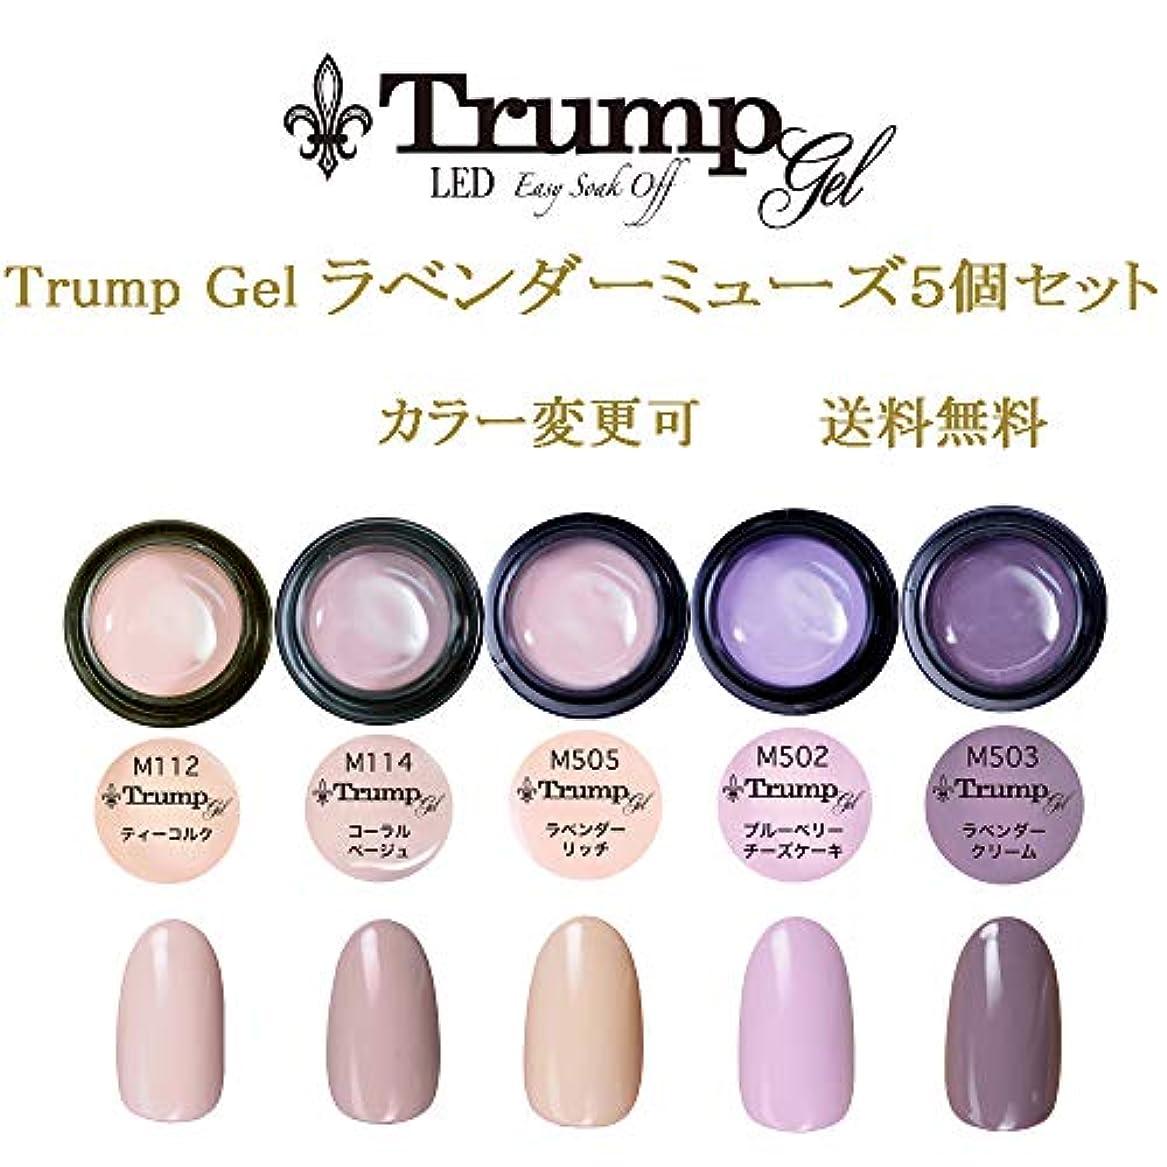 インシデントディスコ豊富な日本製 Trump gel トランプジェル ラベンダーミューズカラー 選べる カラージェル 5個セット ピンク ベージュ ラベンダーカラー